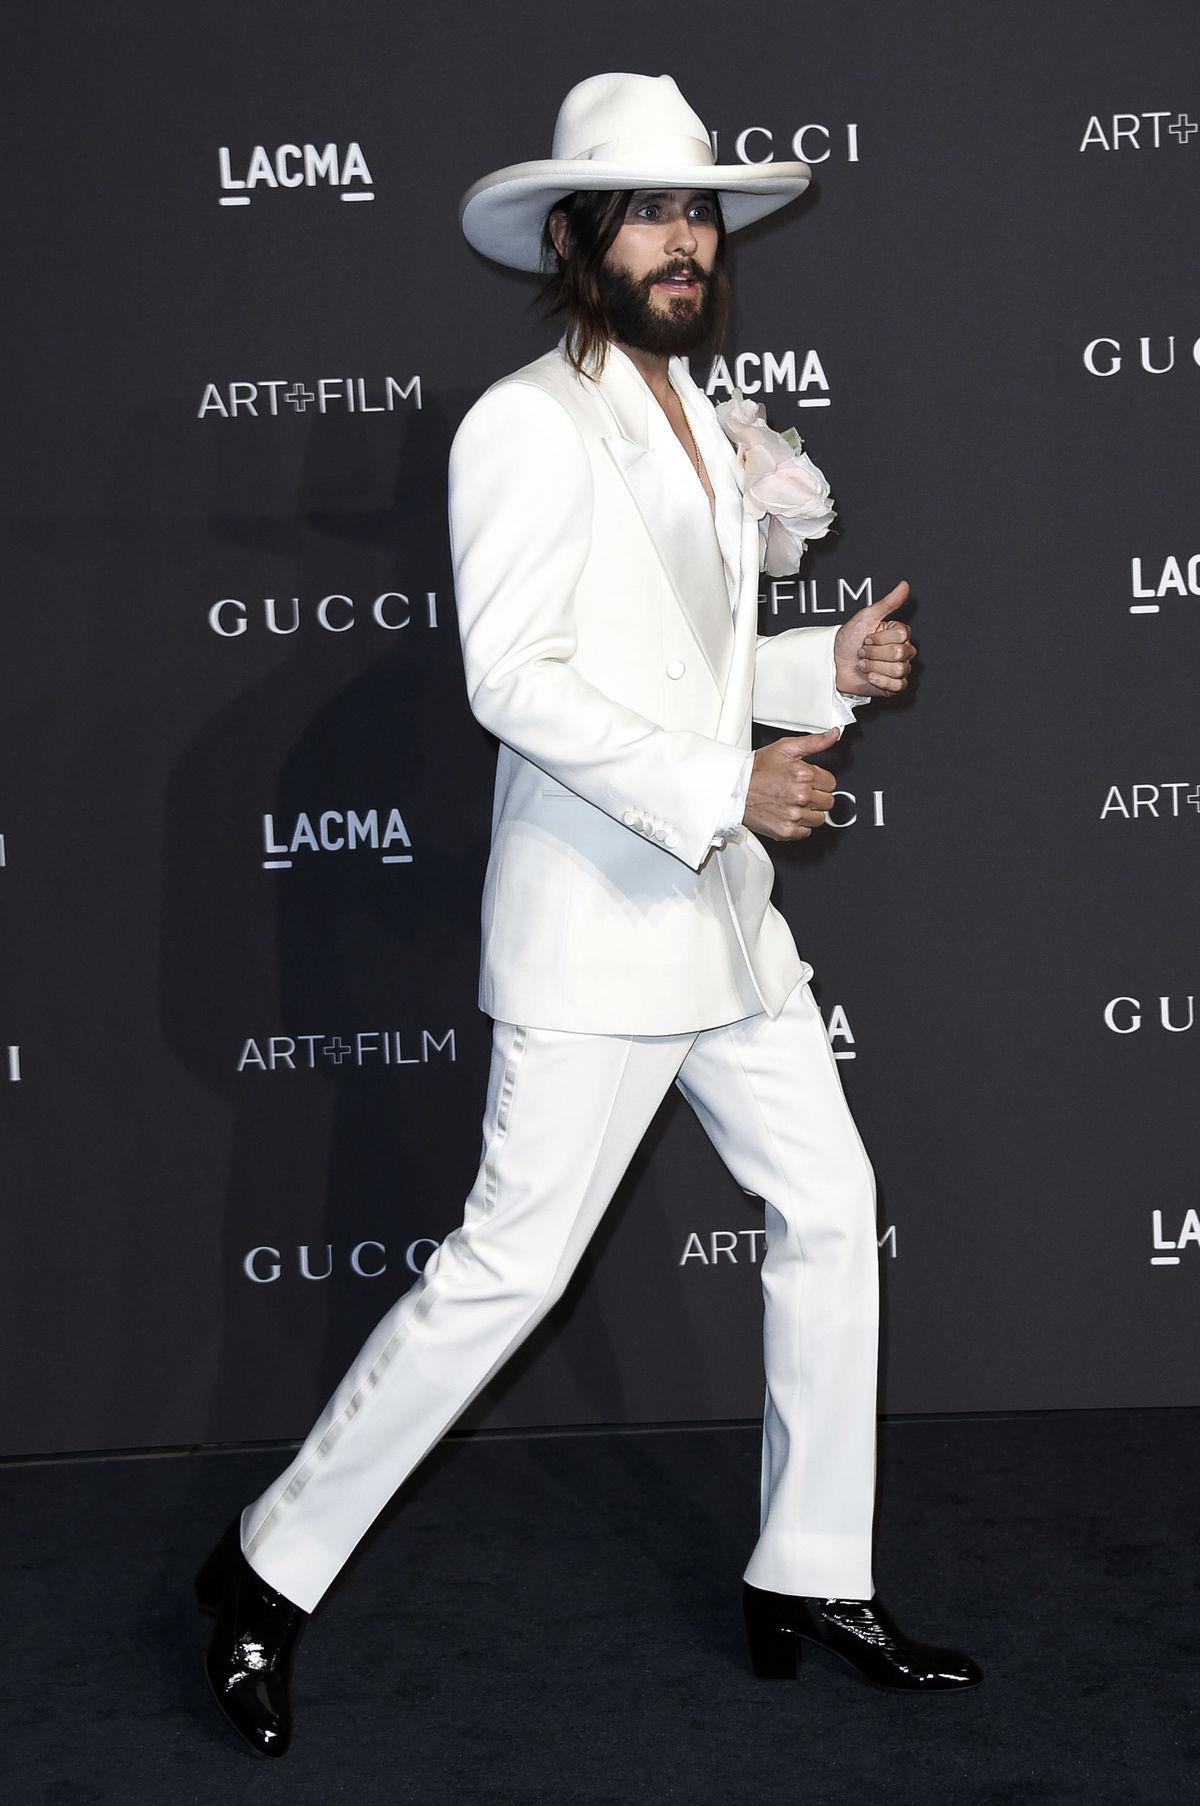 Hudobník Jared Leto dorazil na LACMA Art + Film...